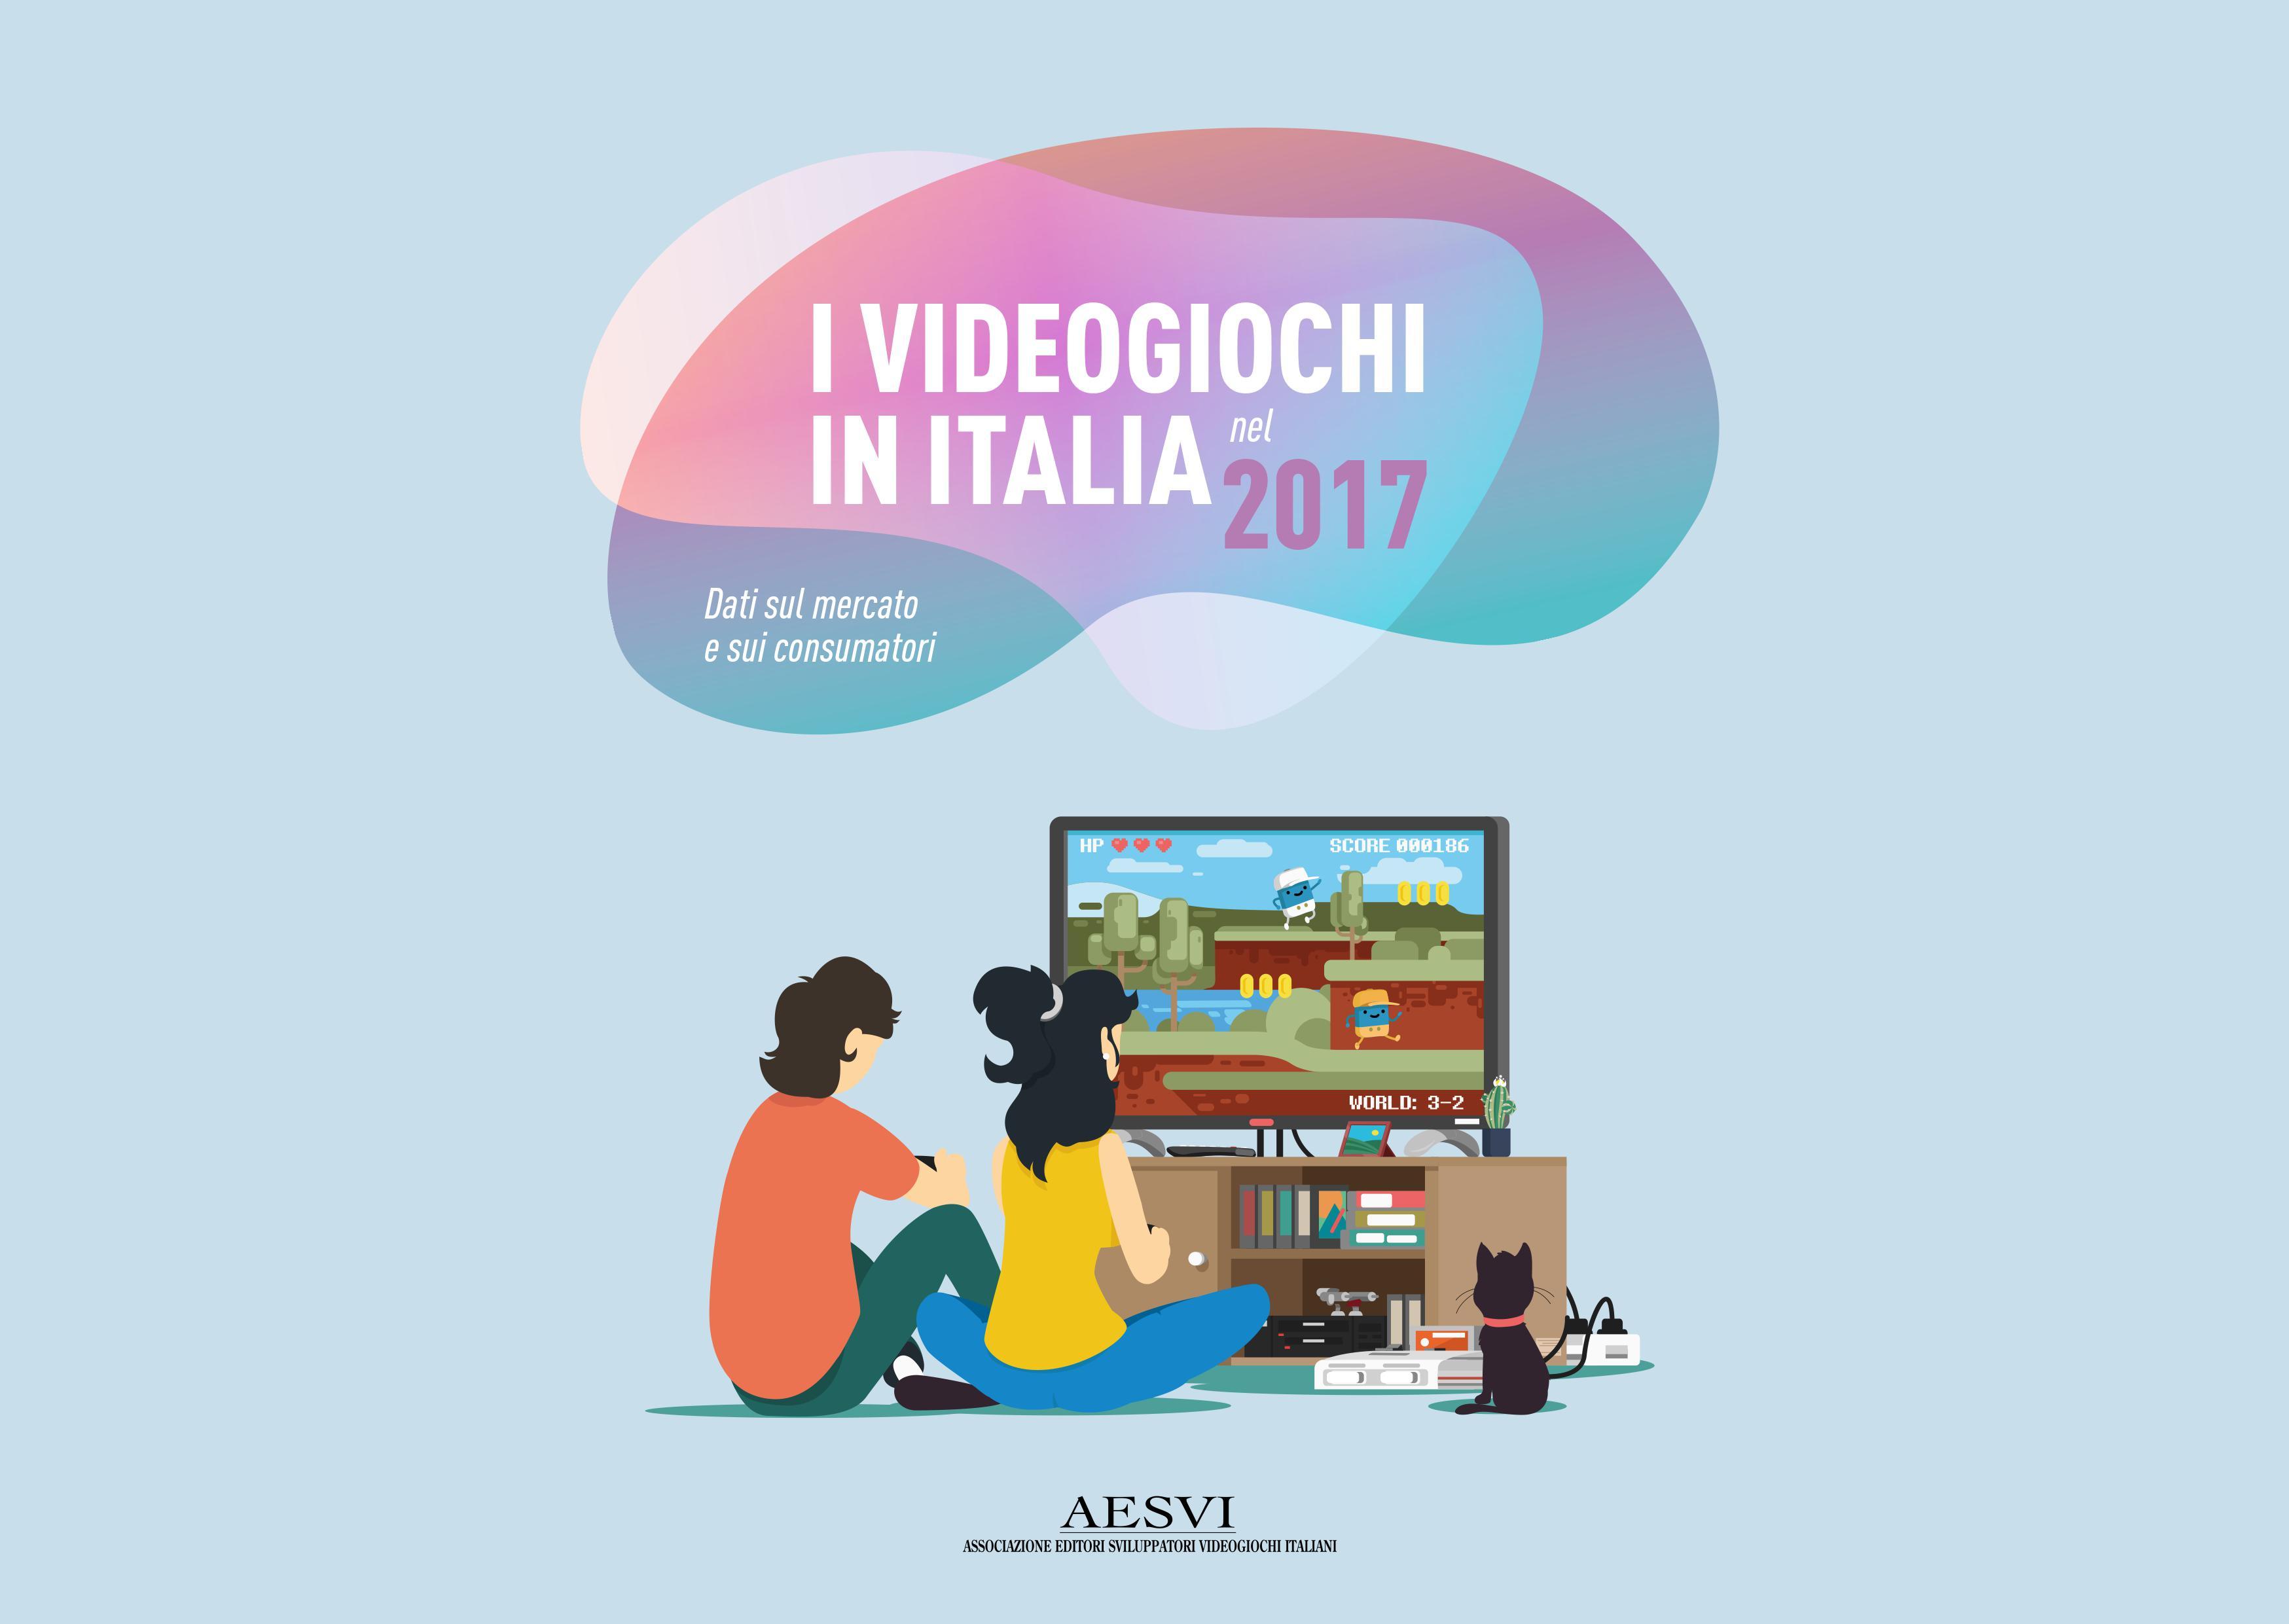 Indie Italiani – In Italia non esistono videogiochi